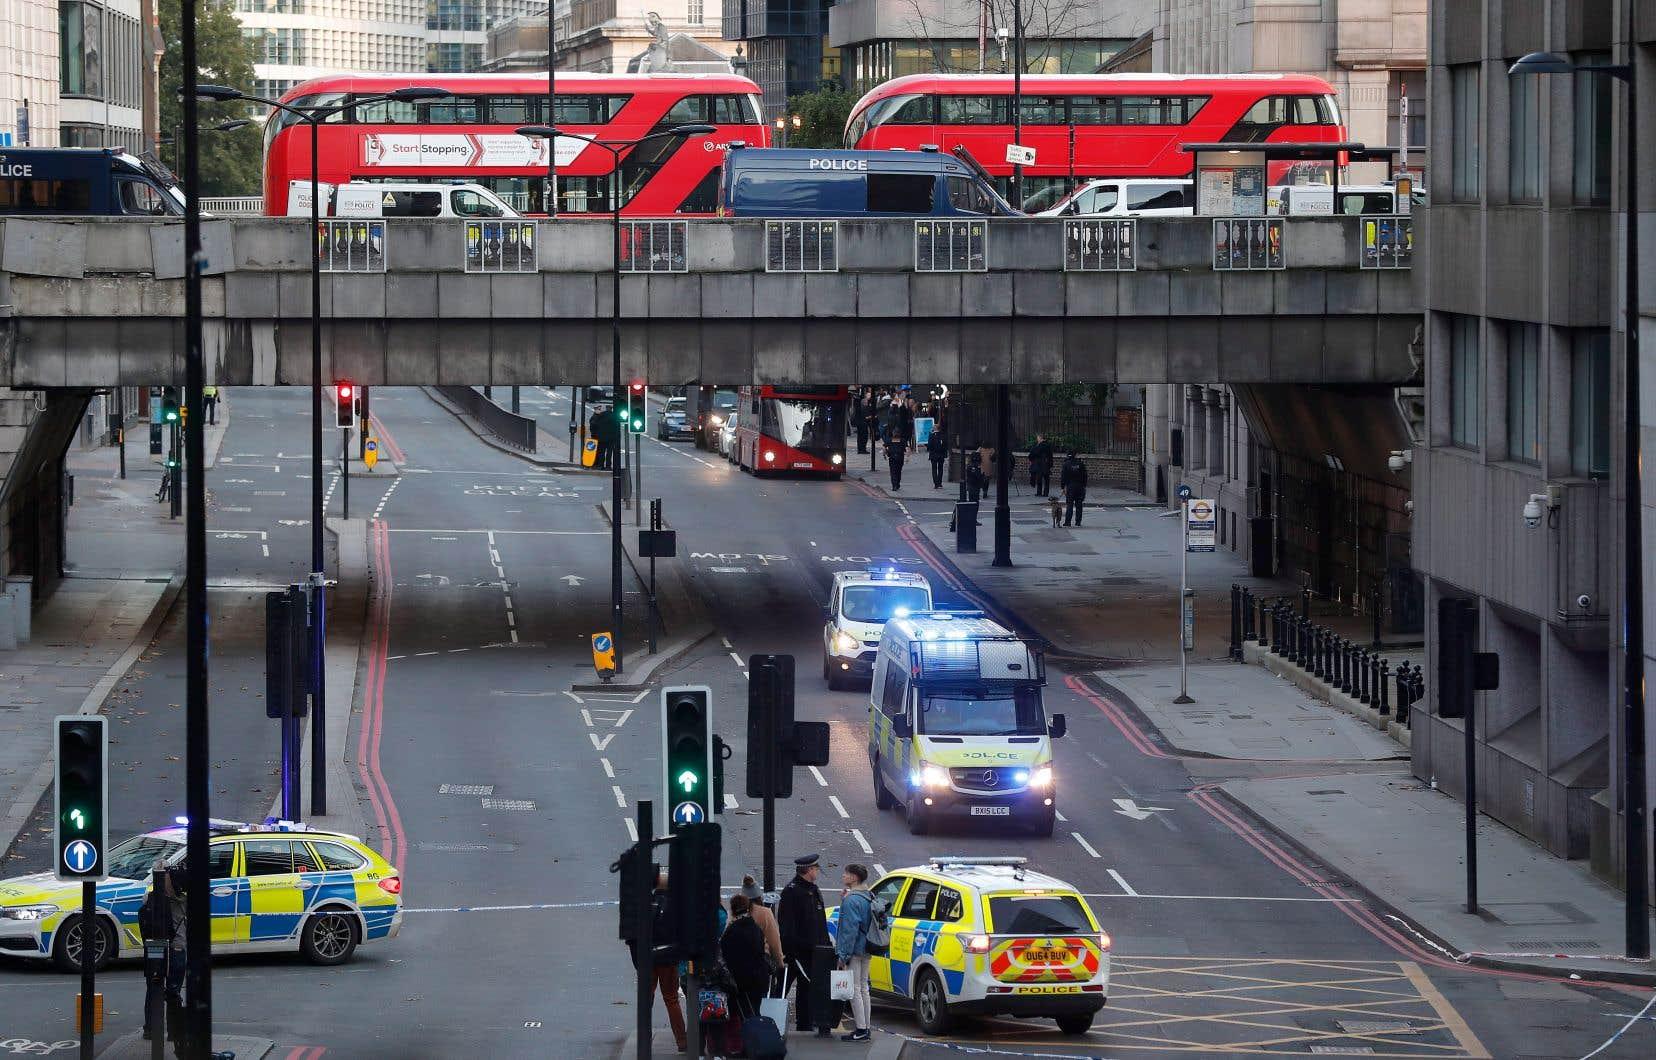 L'assaillant de London Bridge était connu des services de sécurité et lié à des «groupes terroristes islamistes», selon une source sécuritaire.